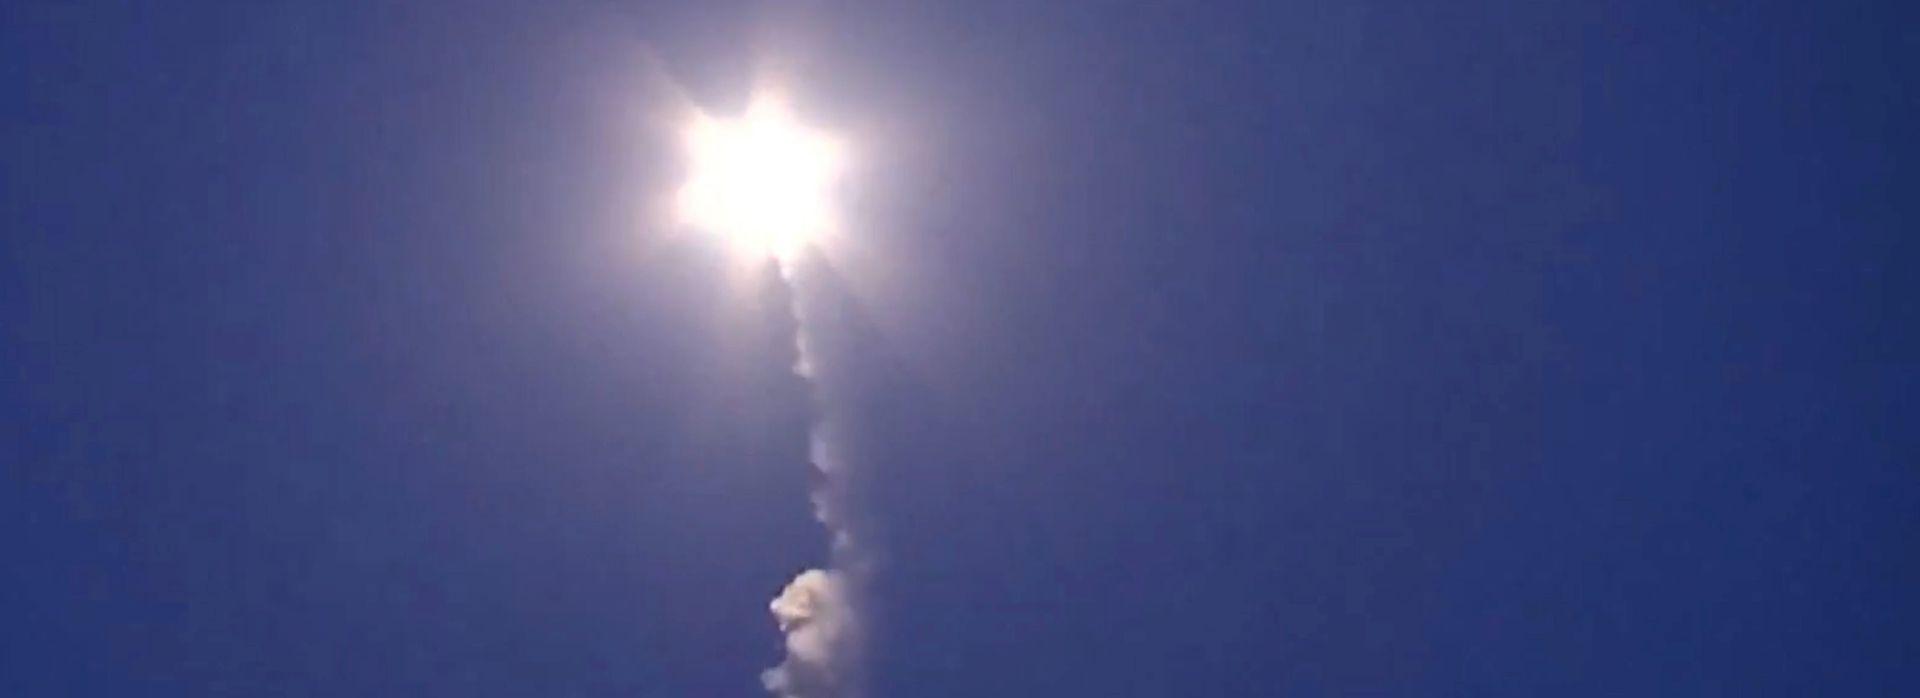 ŠIROKI DOSEG: Washington zabrinut zbog raspoređivanja ruskih protuzračnih raketa